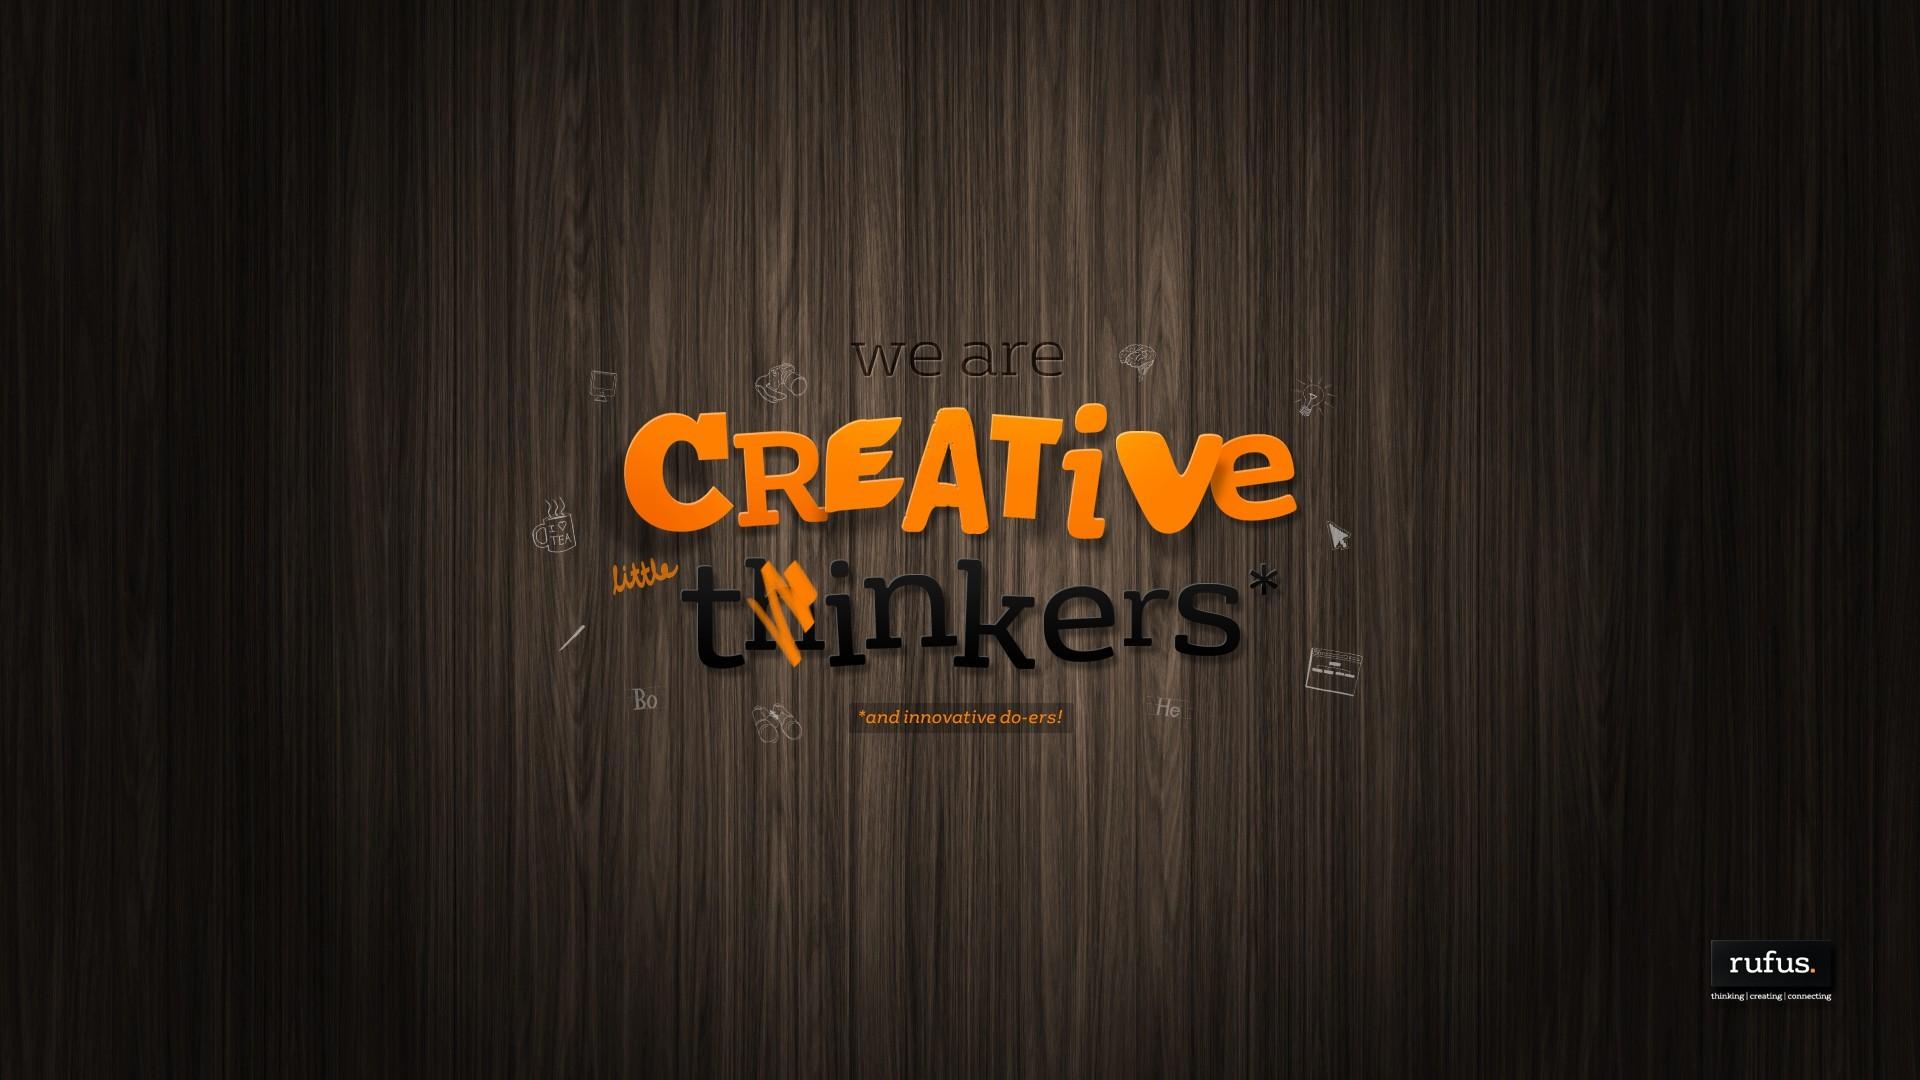 Words desktop wallpaper 56 images - Graphic design desktop wallpaper hd ...